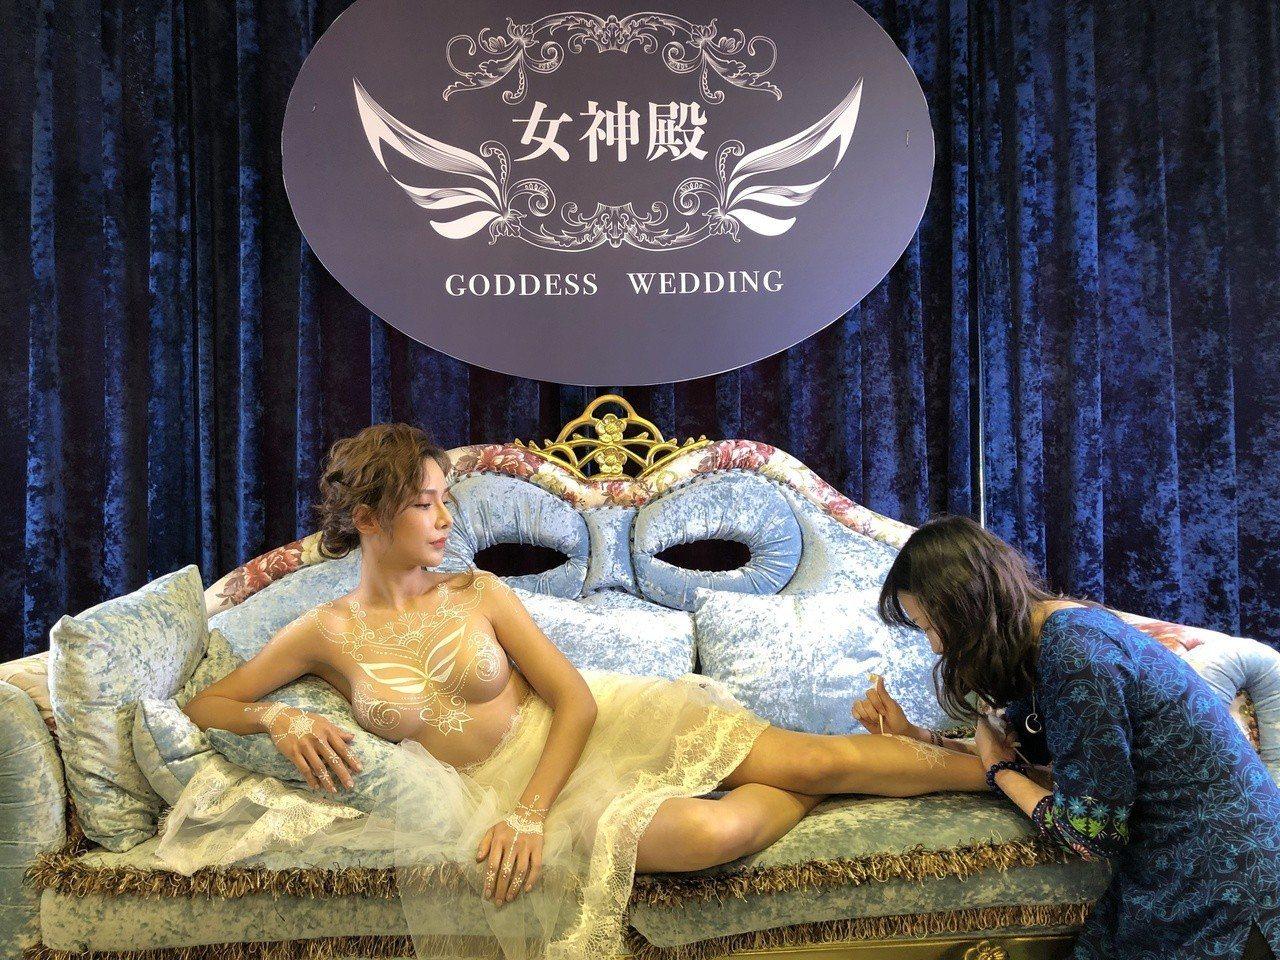 台中知名婚紗業者「女神殿」推出全台首創的三點不露人體彩繪婚紗,業者並標榜獨創的享...